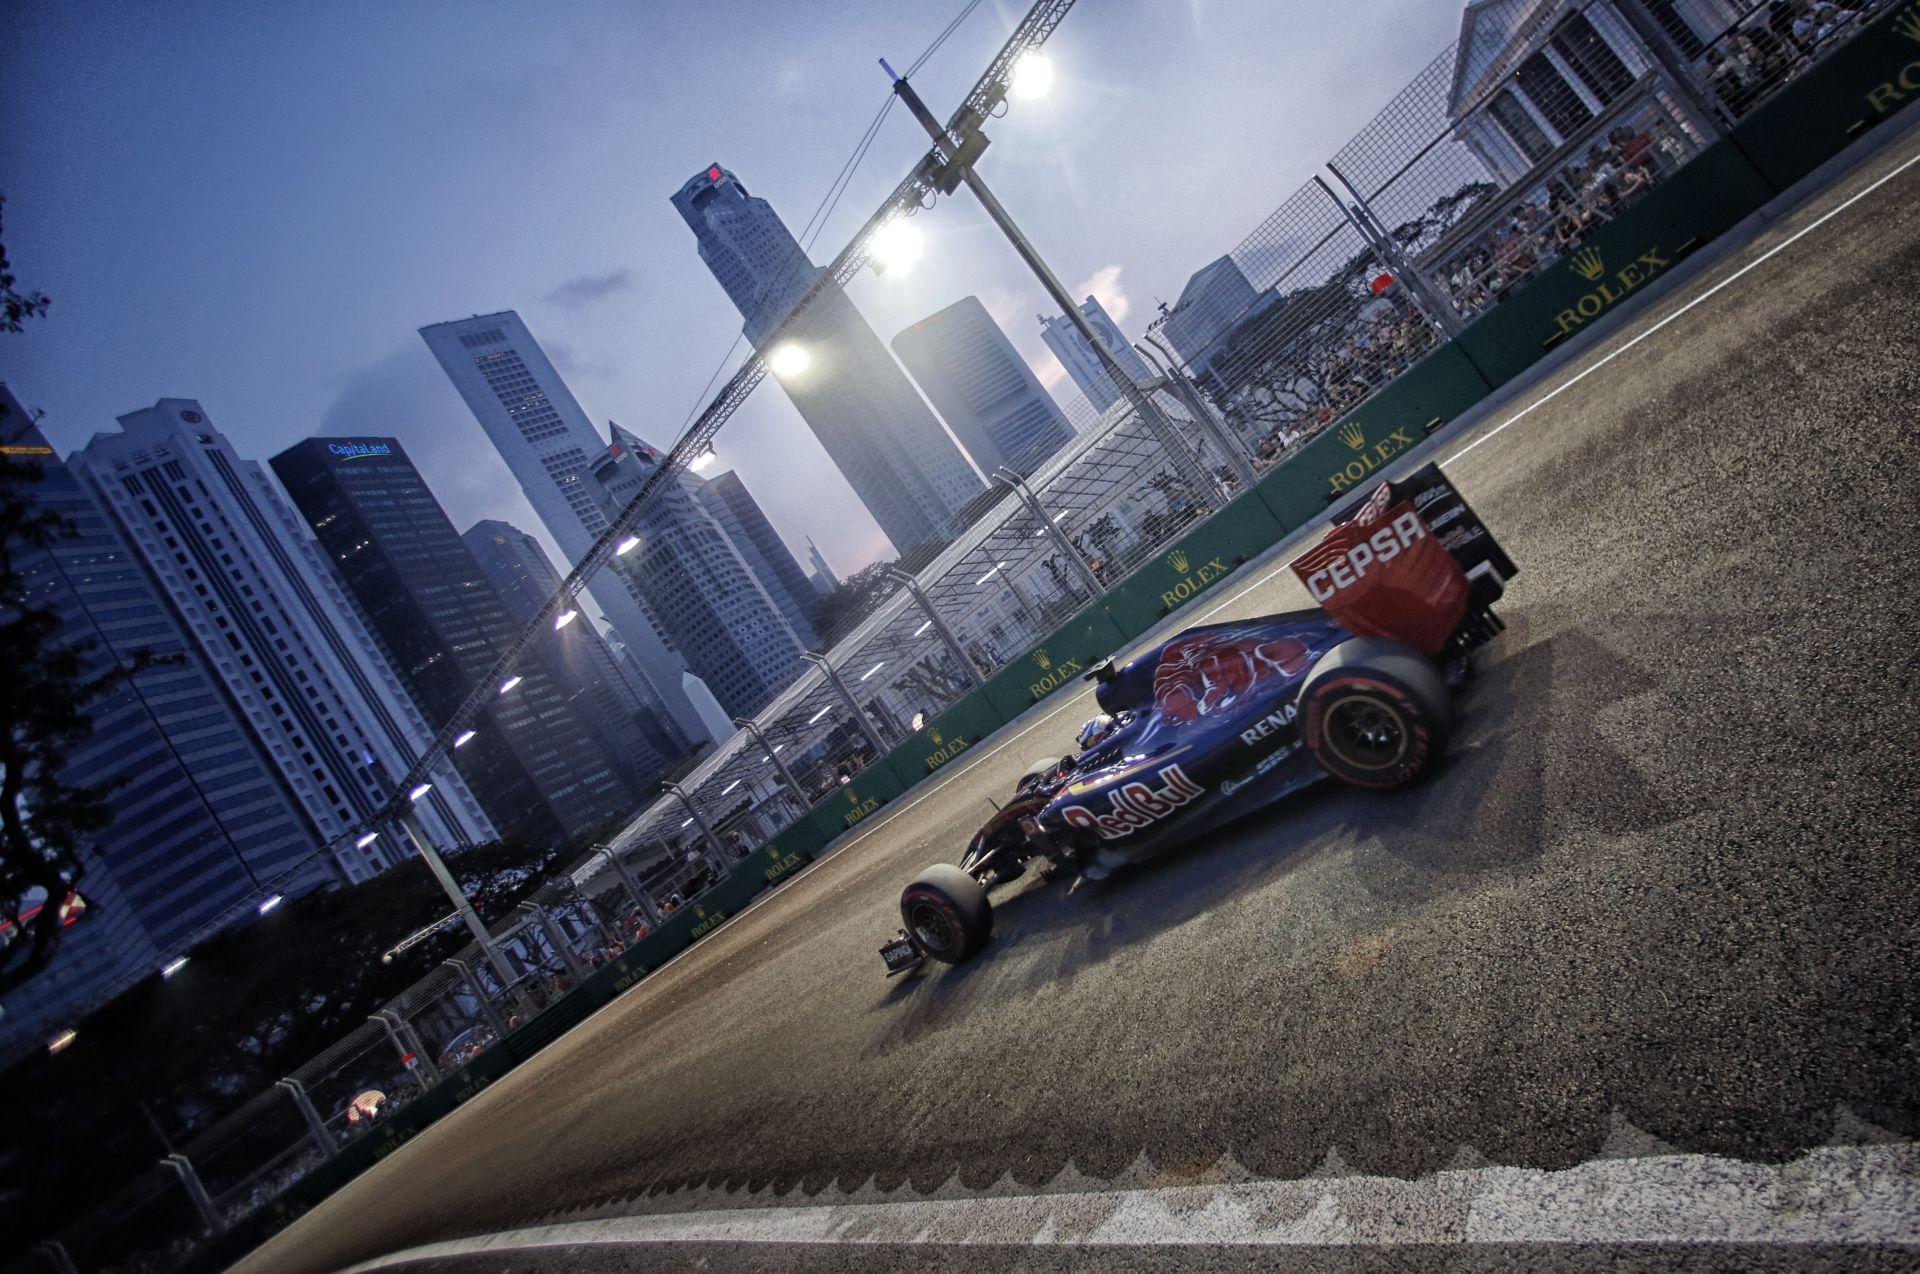 Max Verstappen a kihívásokkal teli szingapúri pályán is brillírozott!